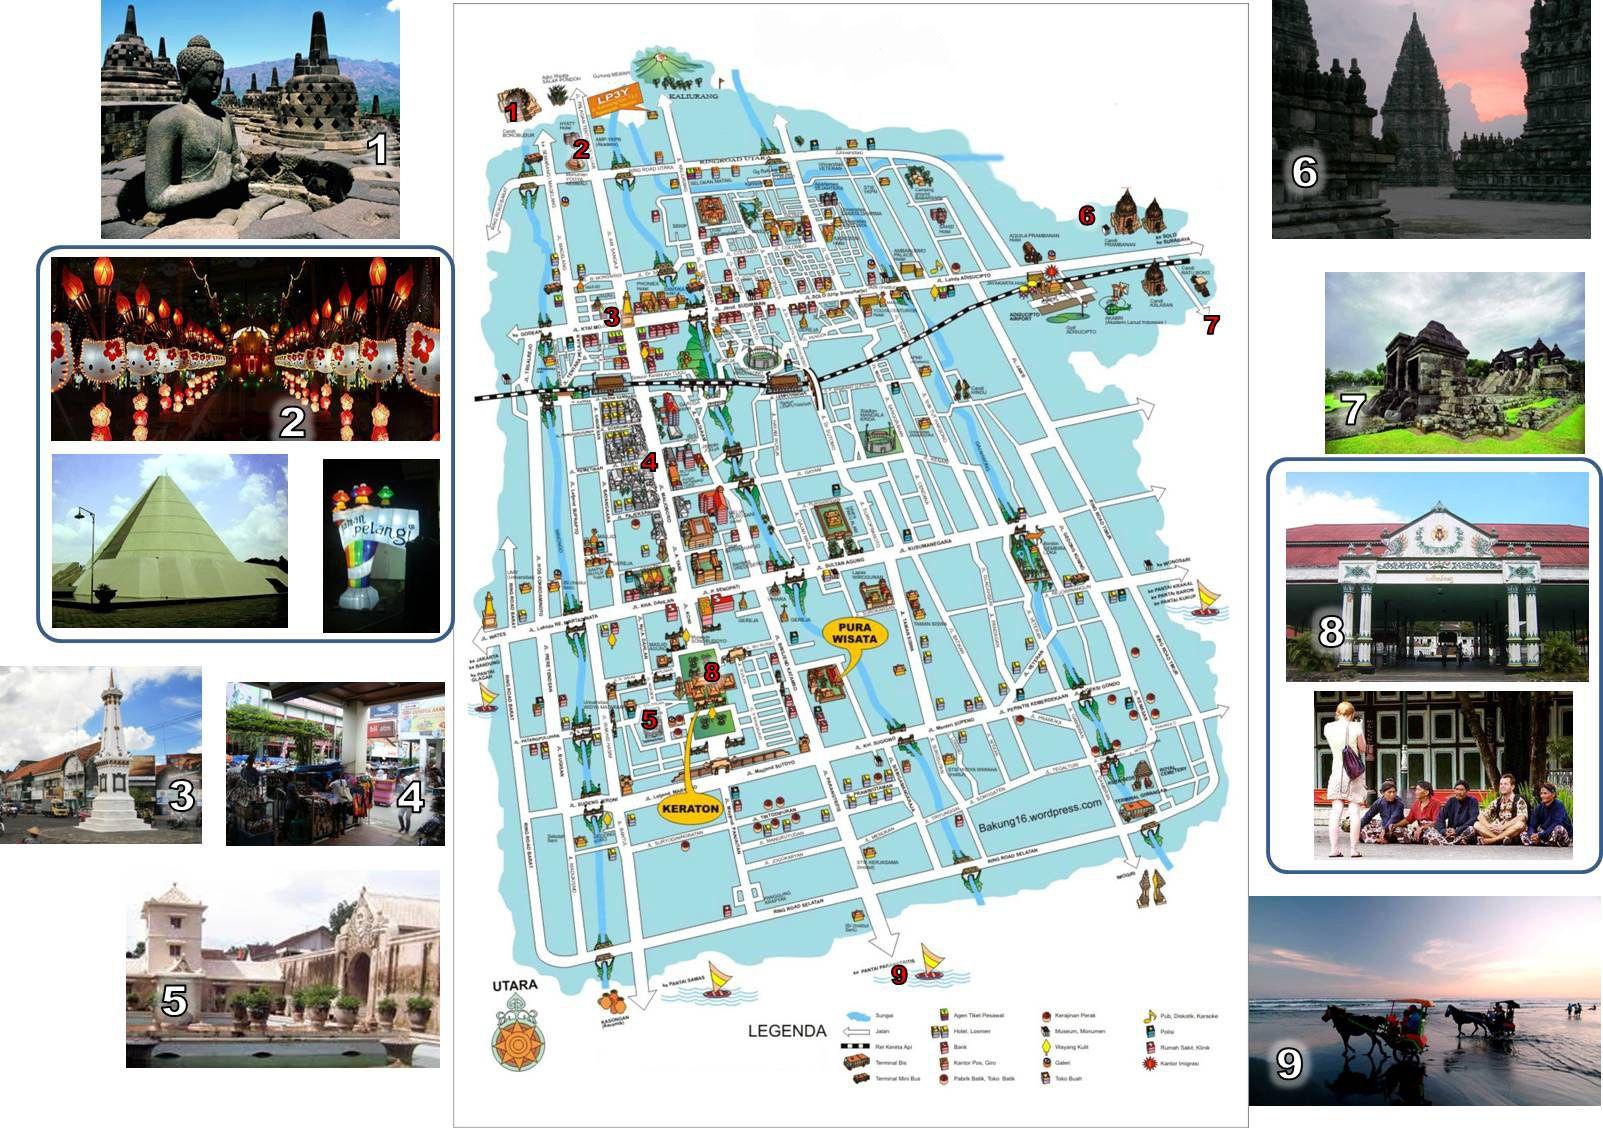 The Map Of Yogyakarta Yogyakarta Tourism And Borobudur - Yogyakarta map